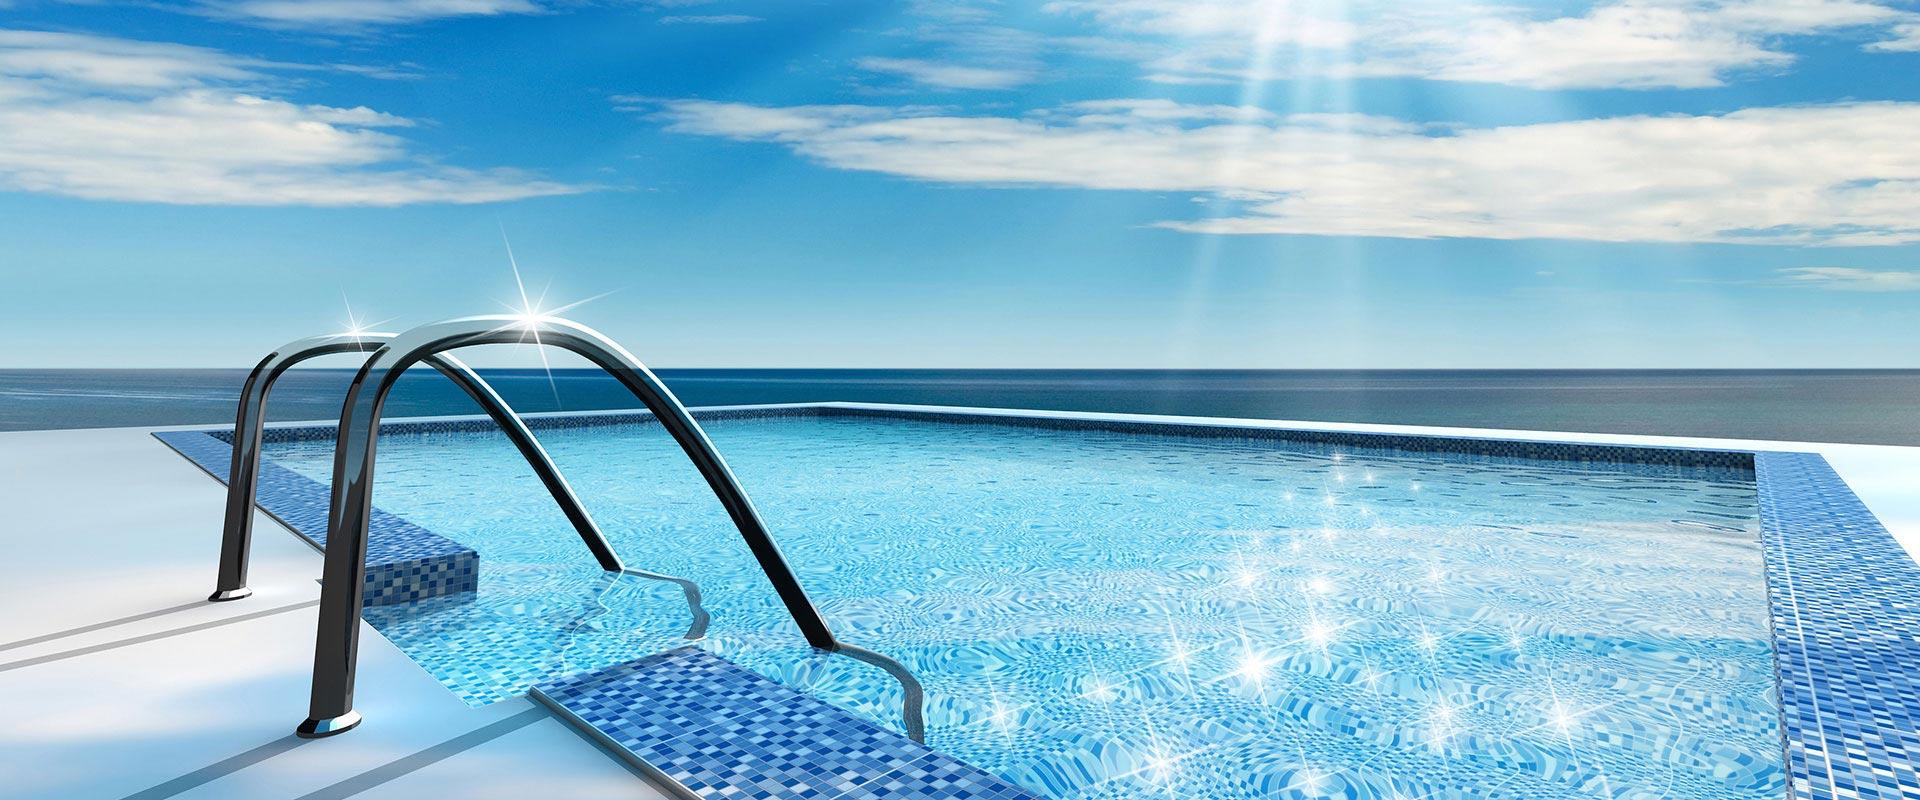 La plage de piscine